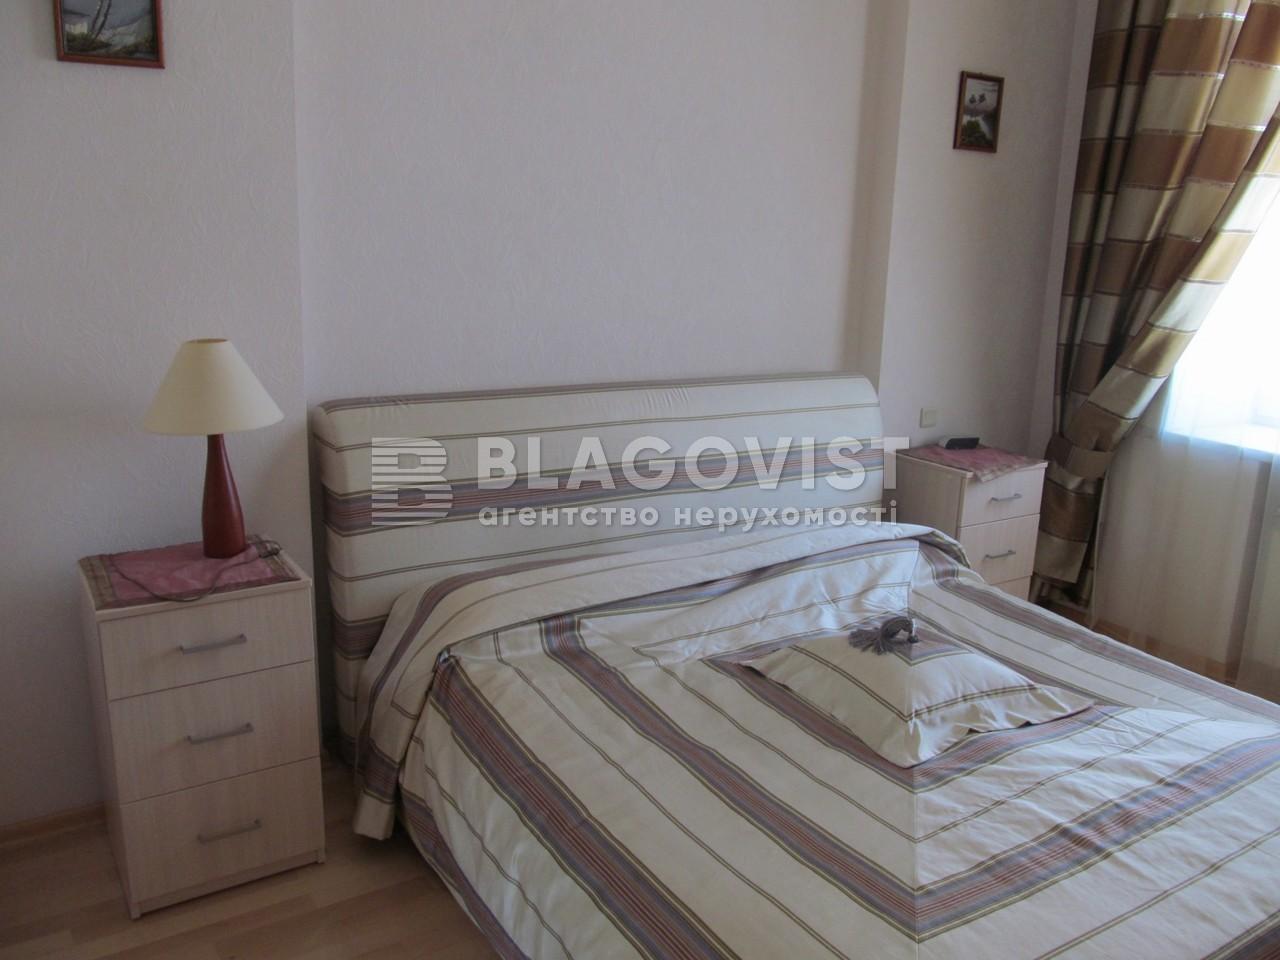 Квартира F-17494, Пушкинская, 19б, Киев - Фото 12